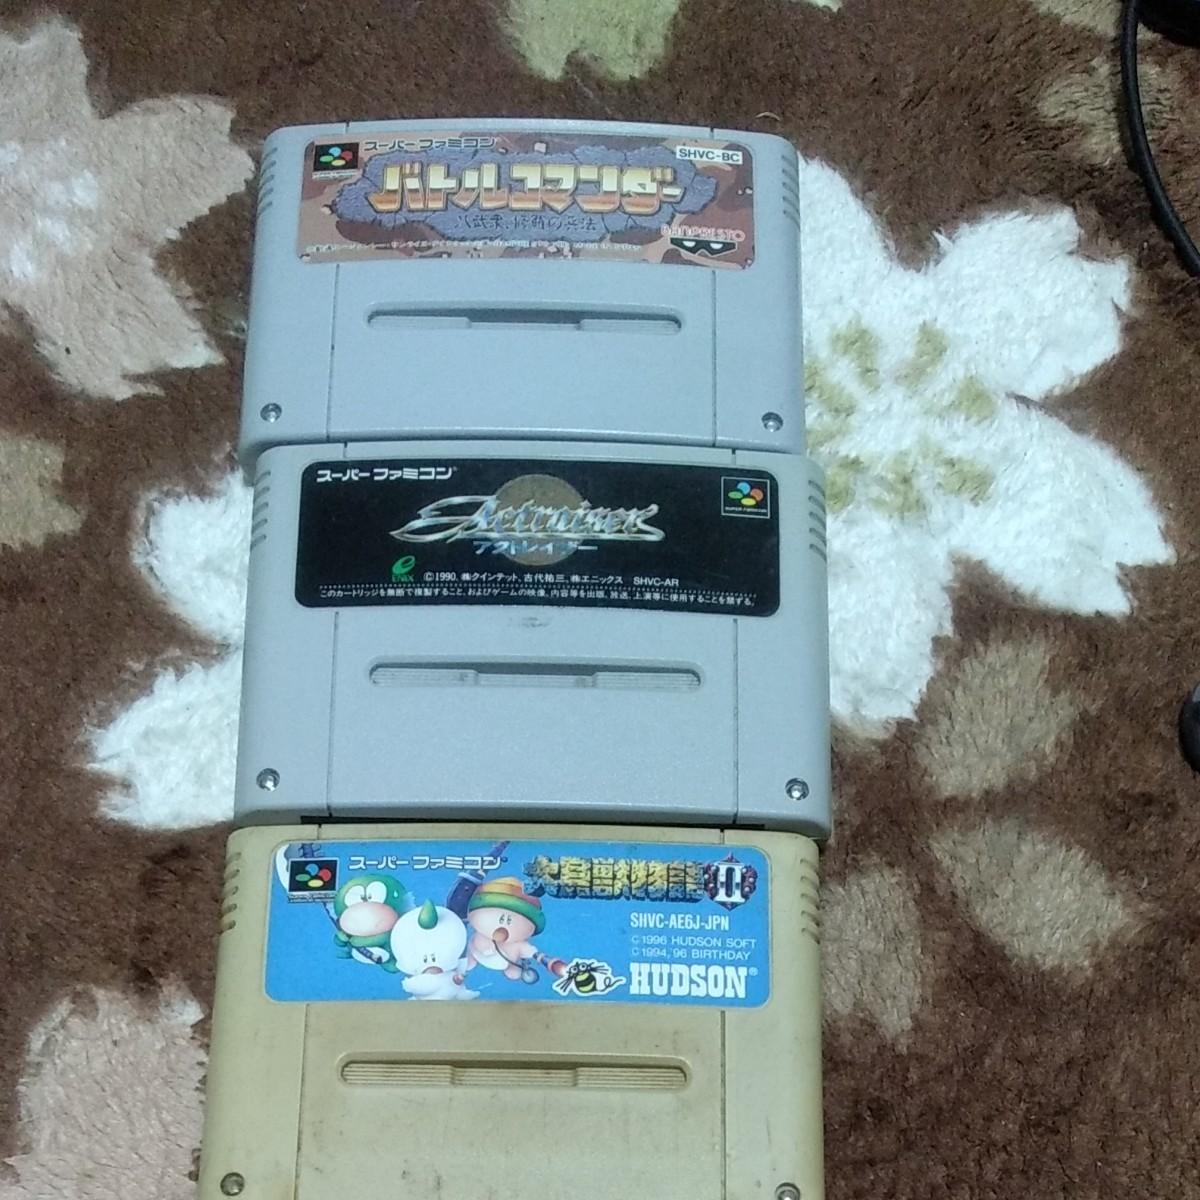 スーパーファミコンソフト ジャンク スーパーファミコンソフト スーパーファミコン SFC